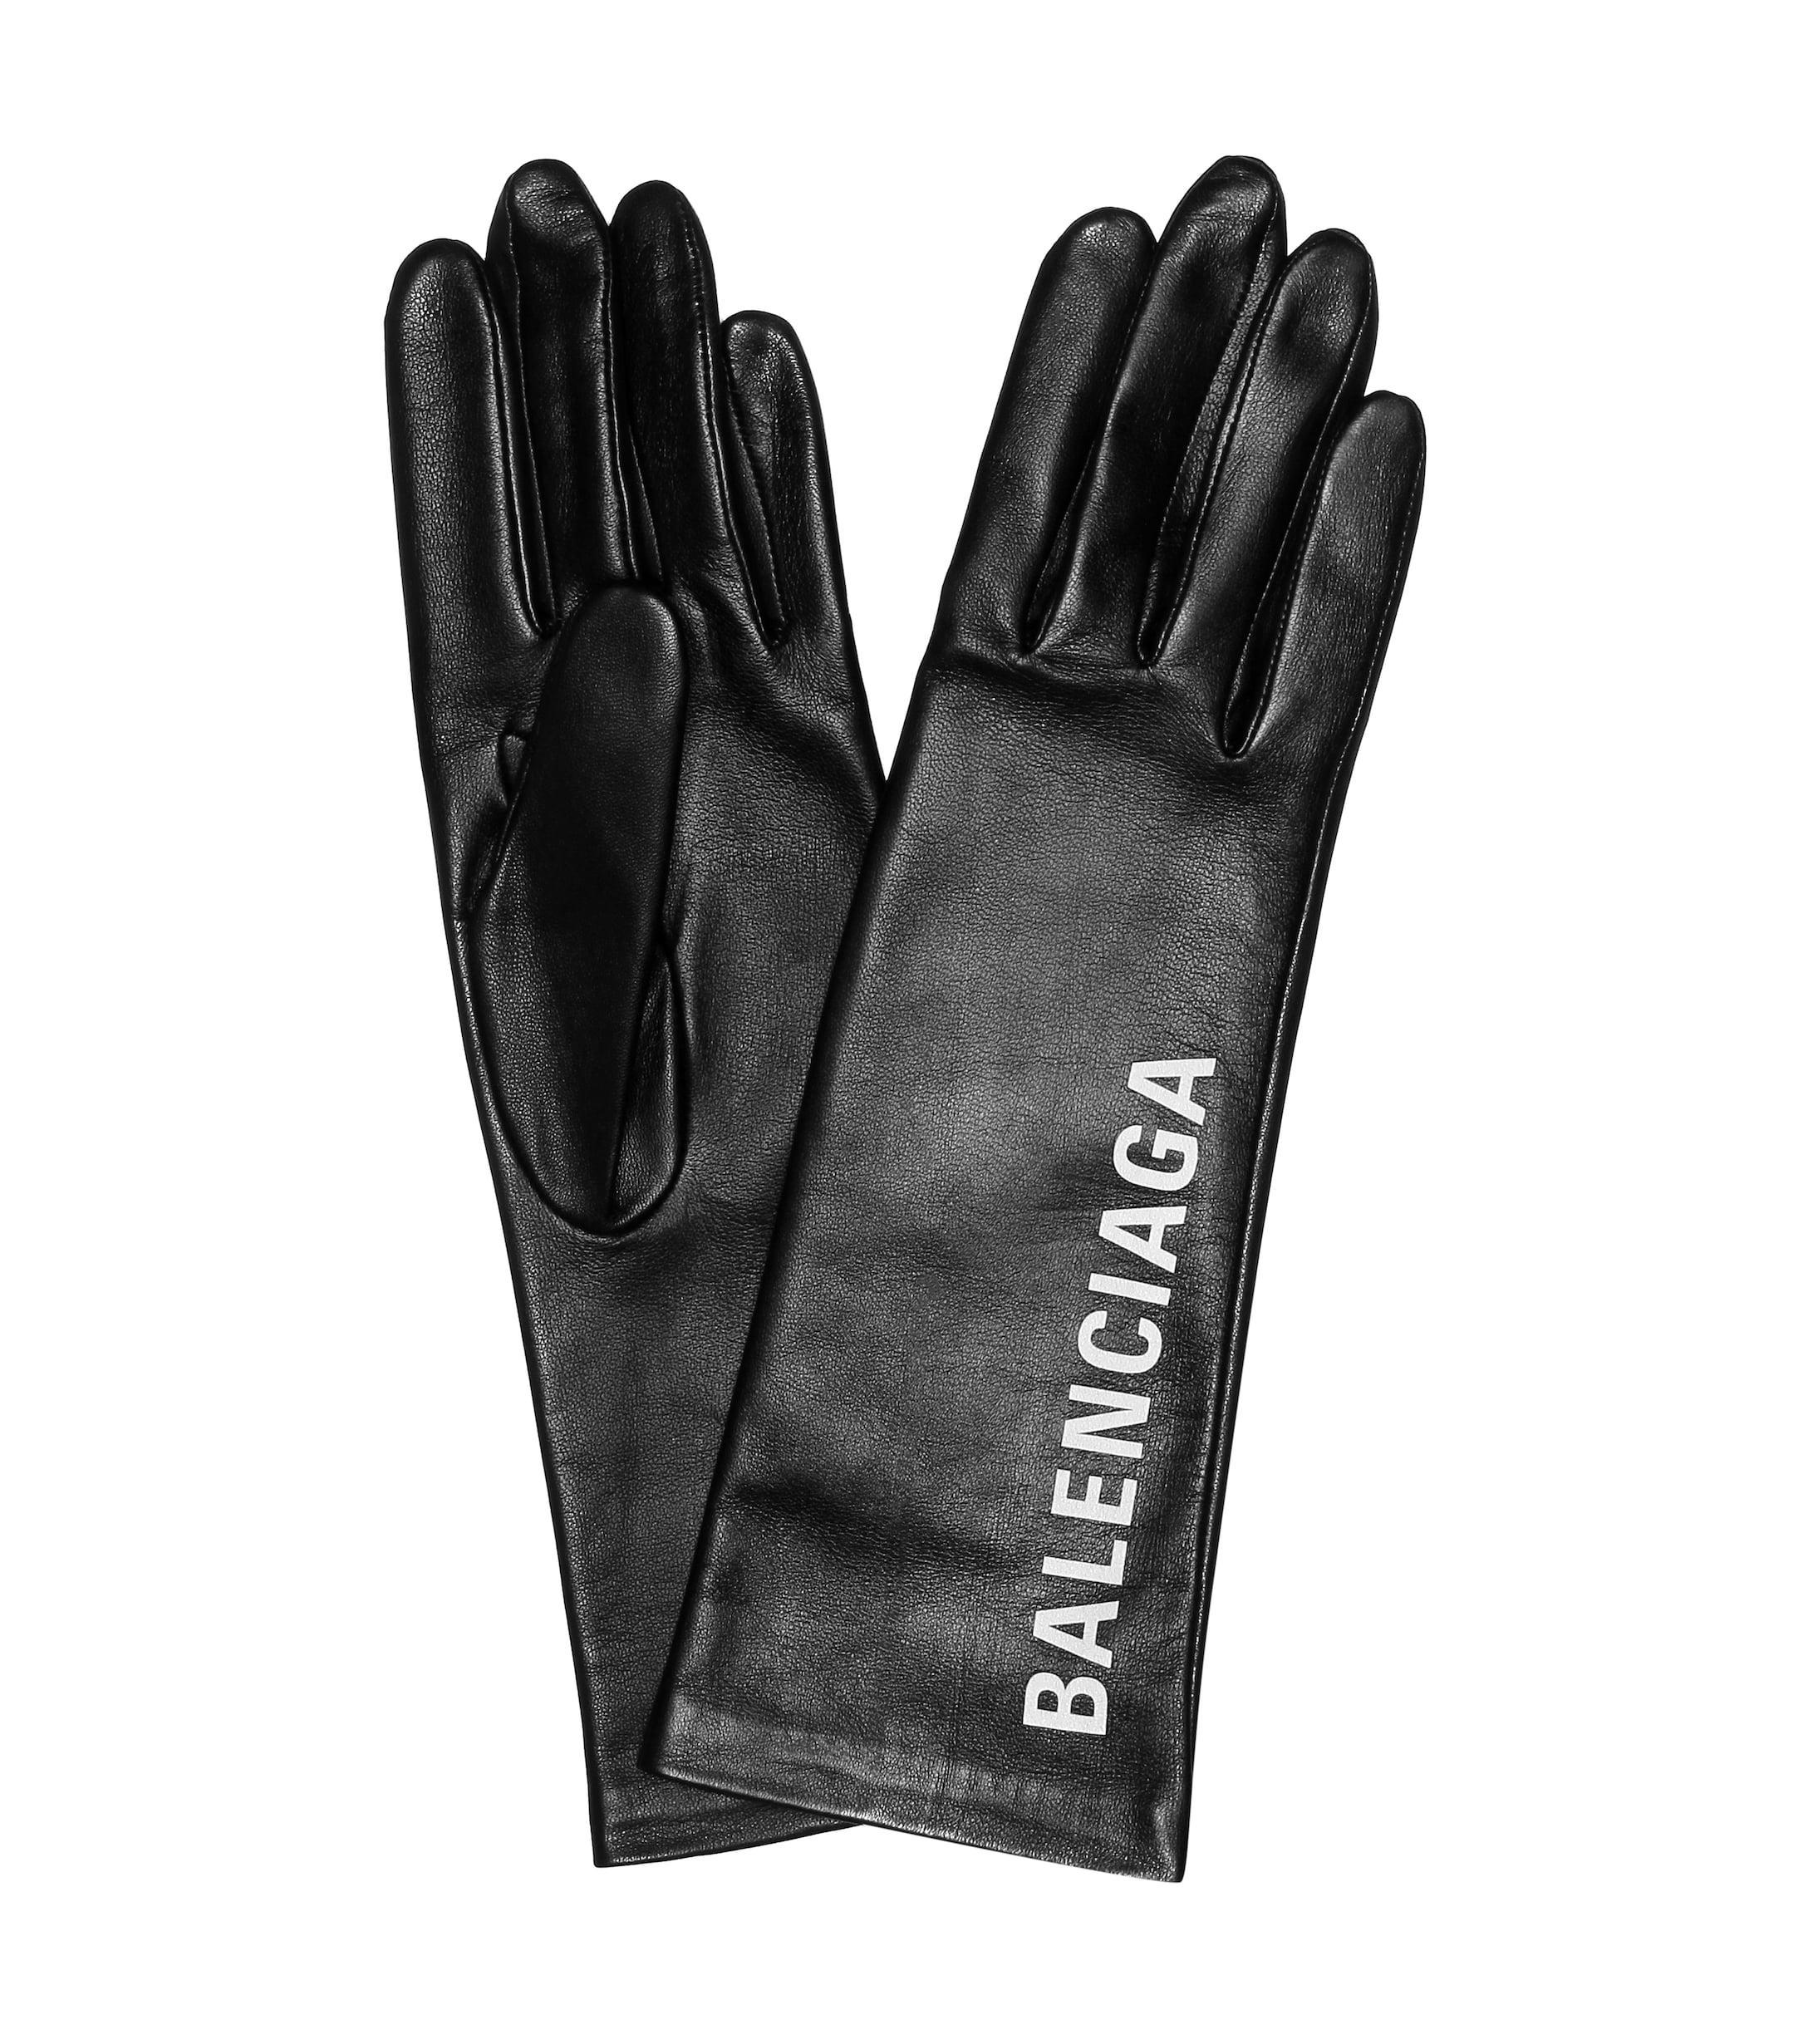 21ad7913fbf7c1 Balenciaga Bedruckte Handschuhe aus Leder in Schwarz - Sparen Sie 1 ...